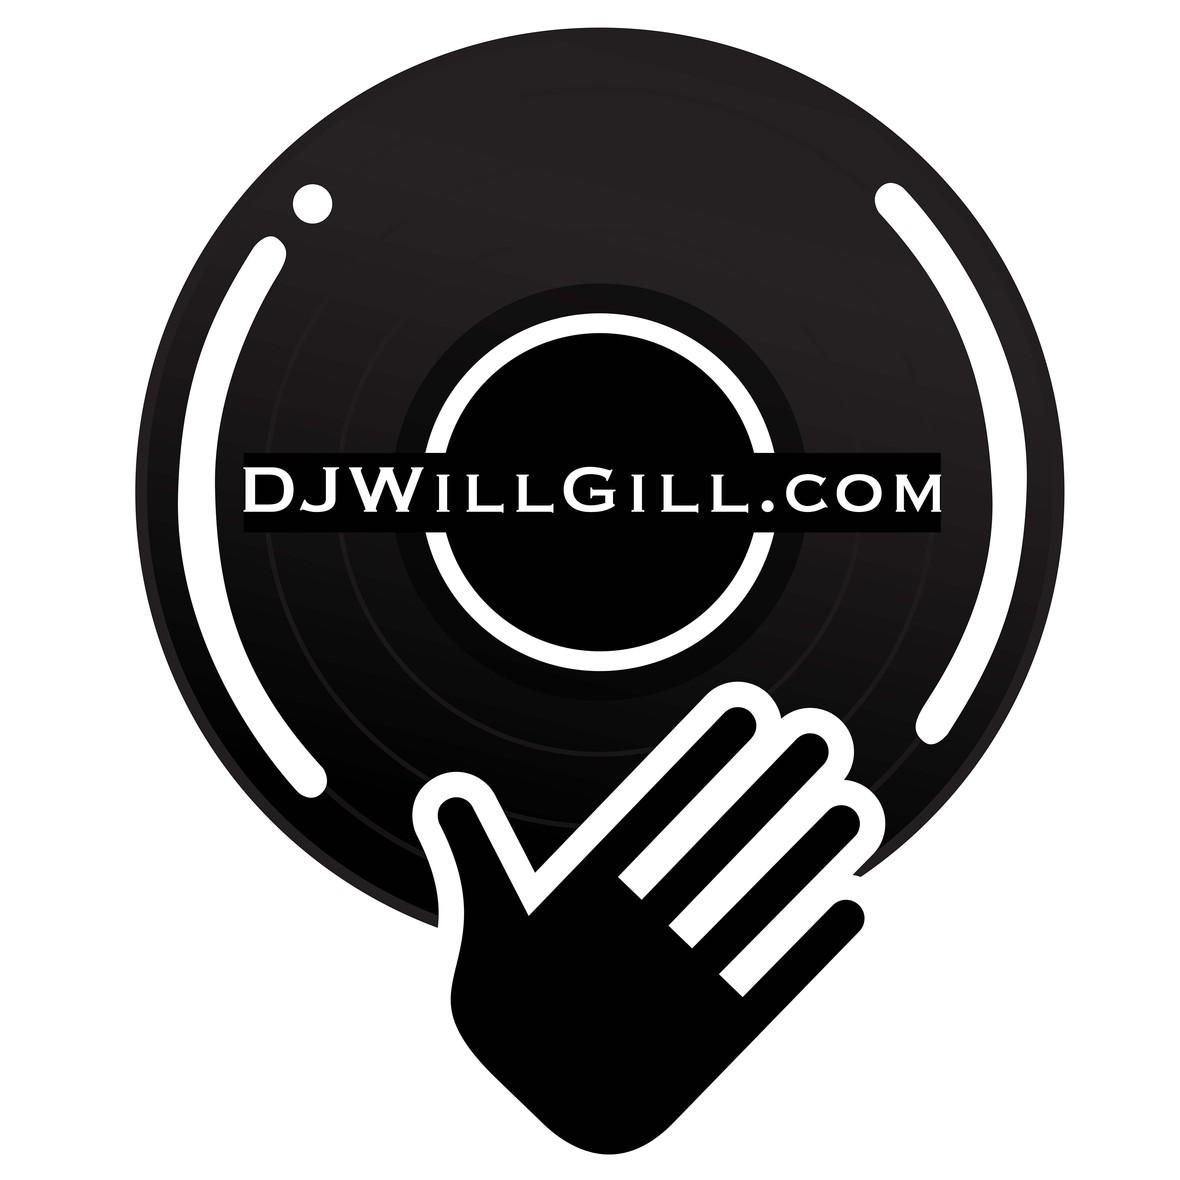 los angeles wedding DJ services DJ will gill logo